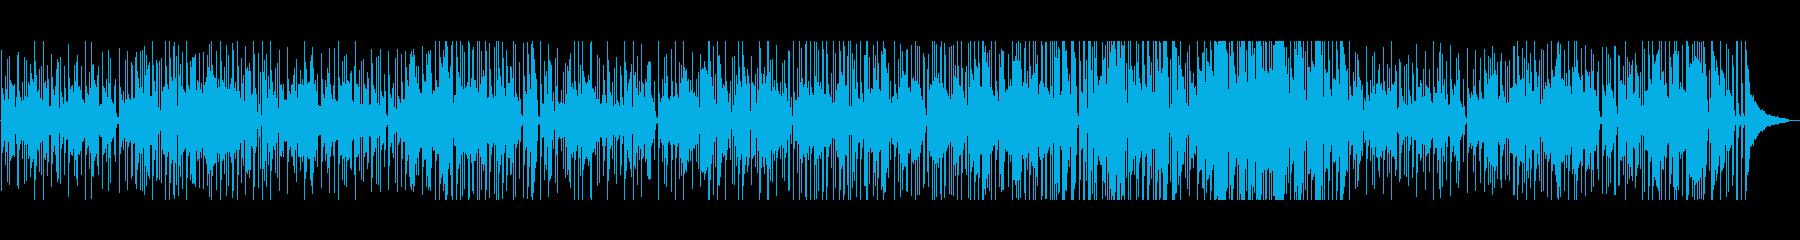 コミカルでのほほん クラリネットとピアノの再生済みの波形